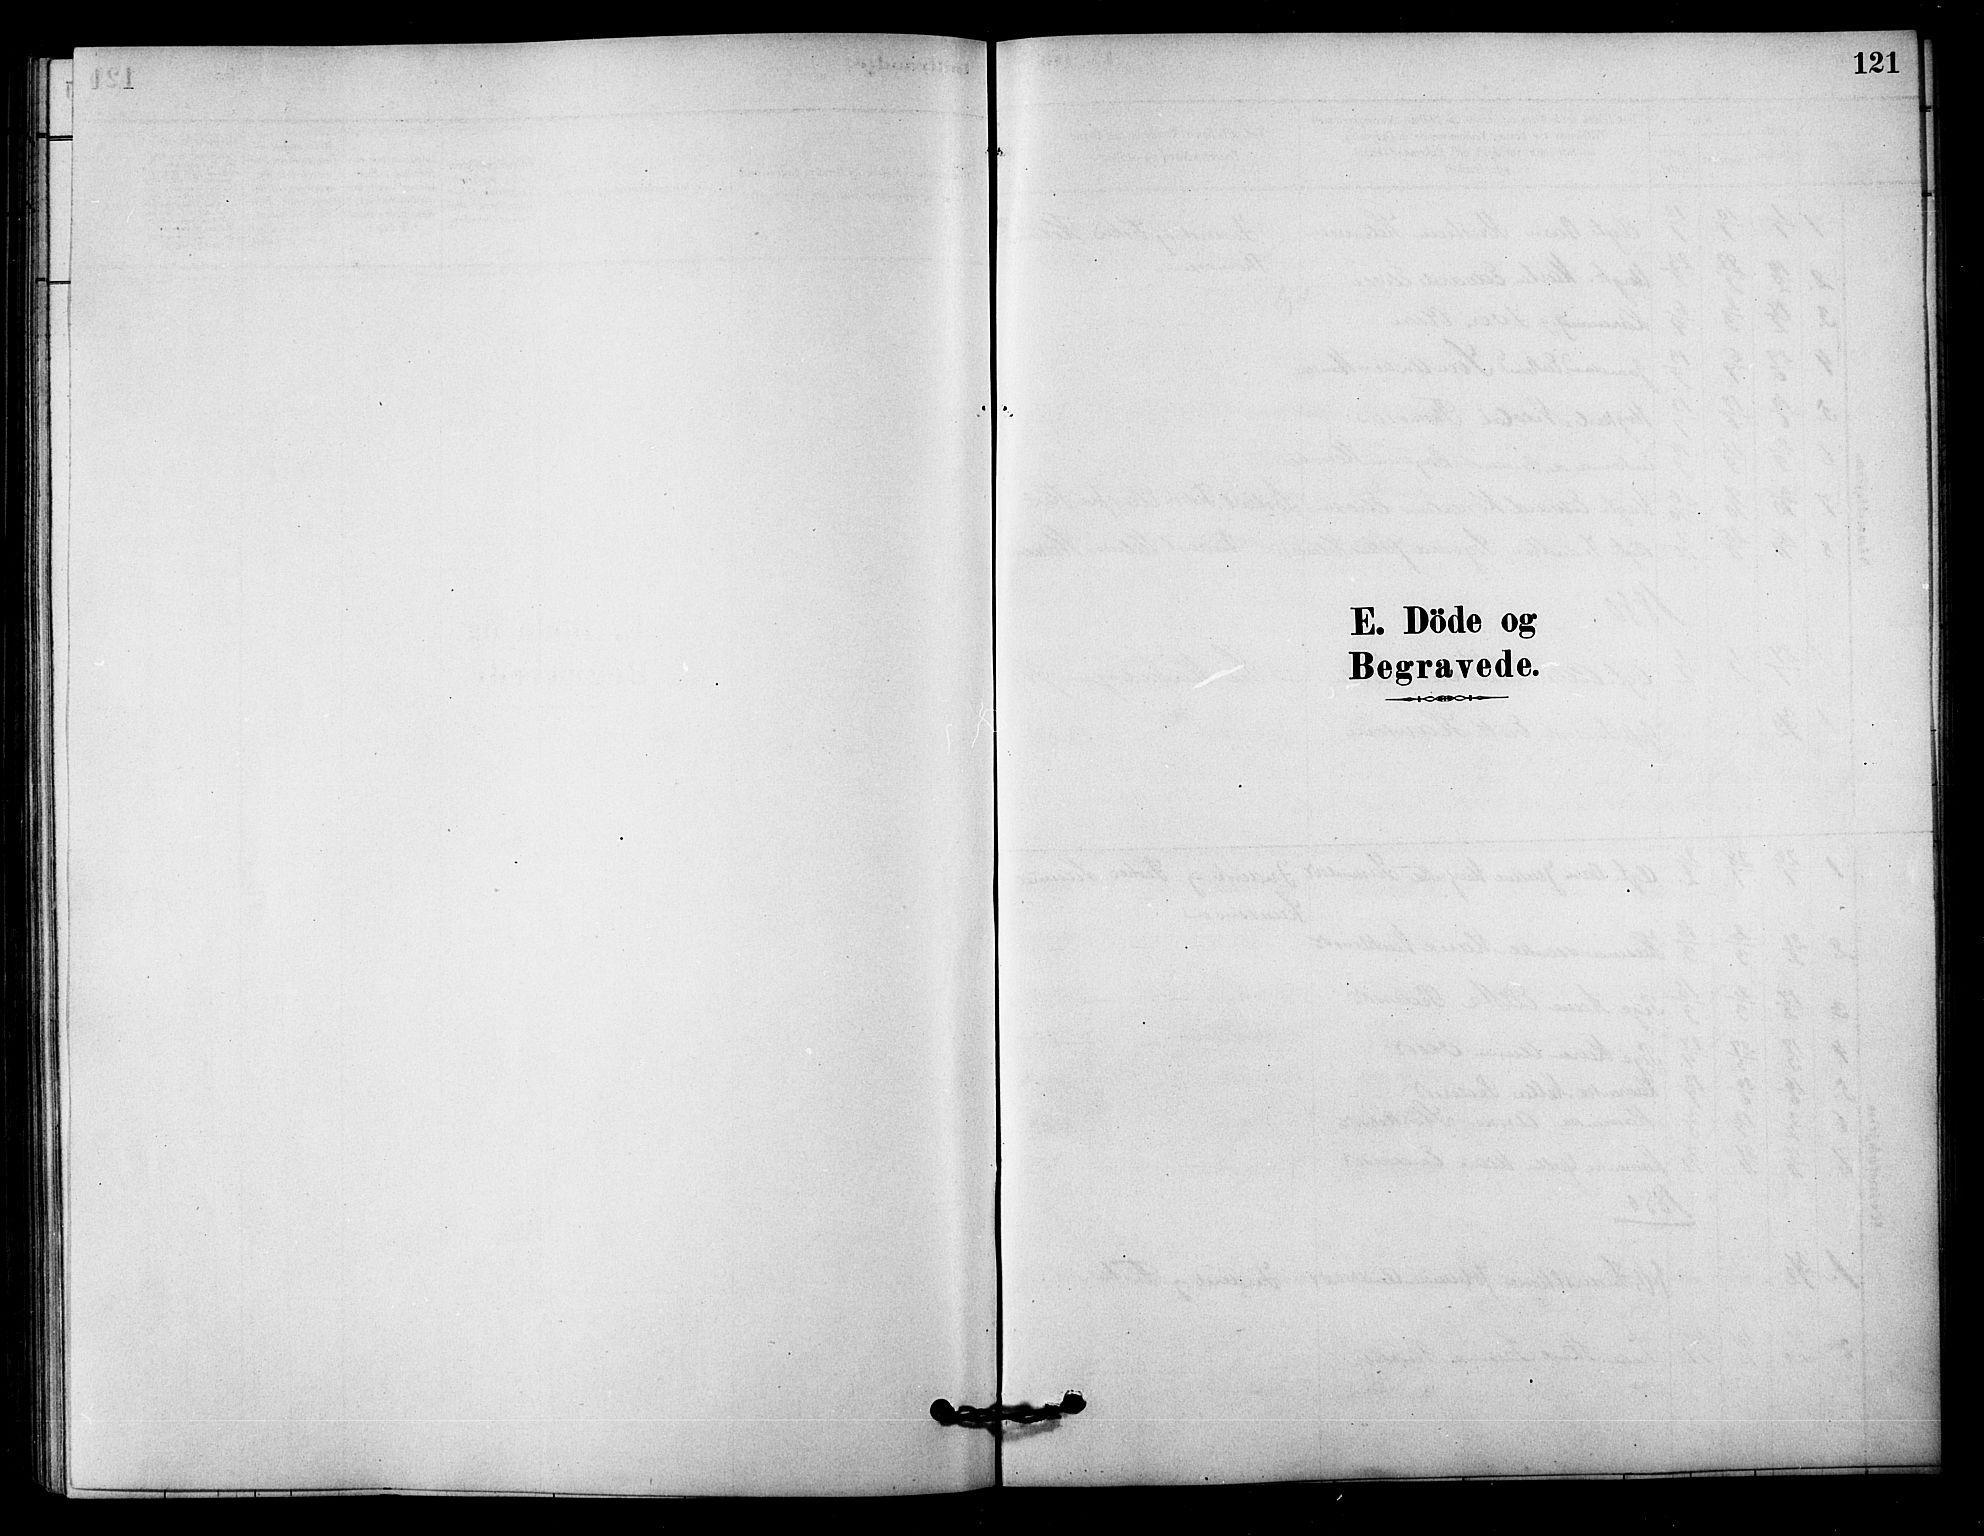 SAT, Ministerialprotokoller, klokkerbøker og fødselsregistre - Sør-Trøndelag, 656/L0692: Ministerialbok nr. 656A01, 1879-1893, s. 121